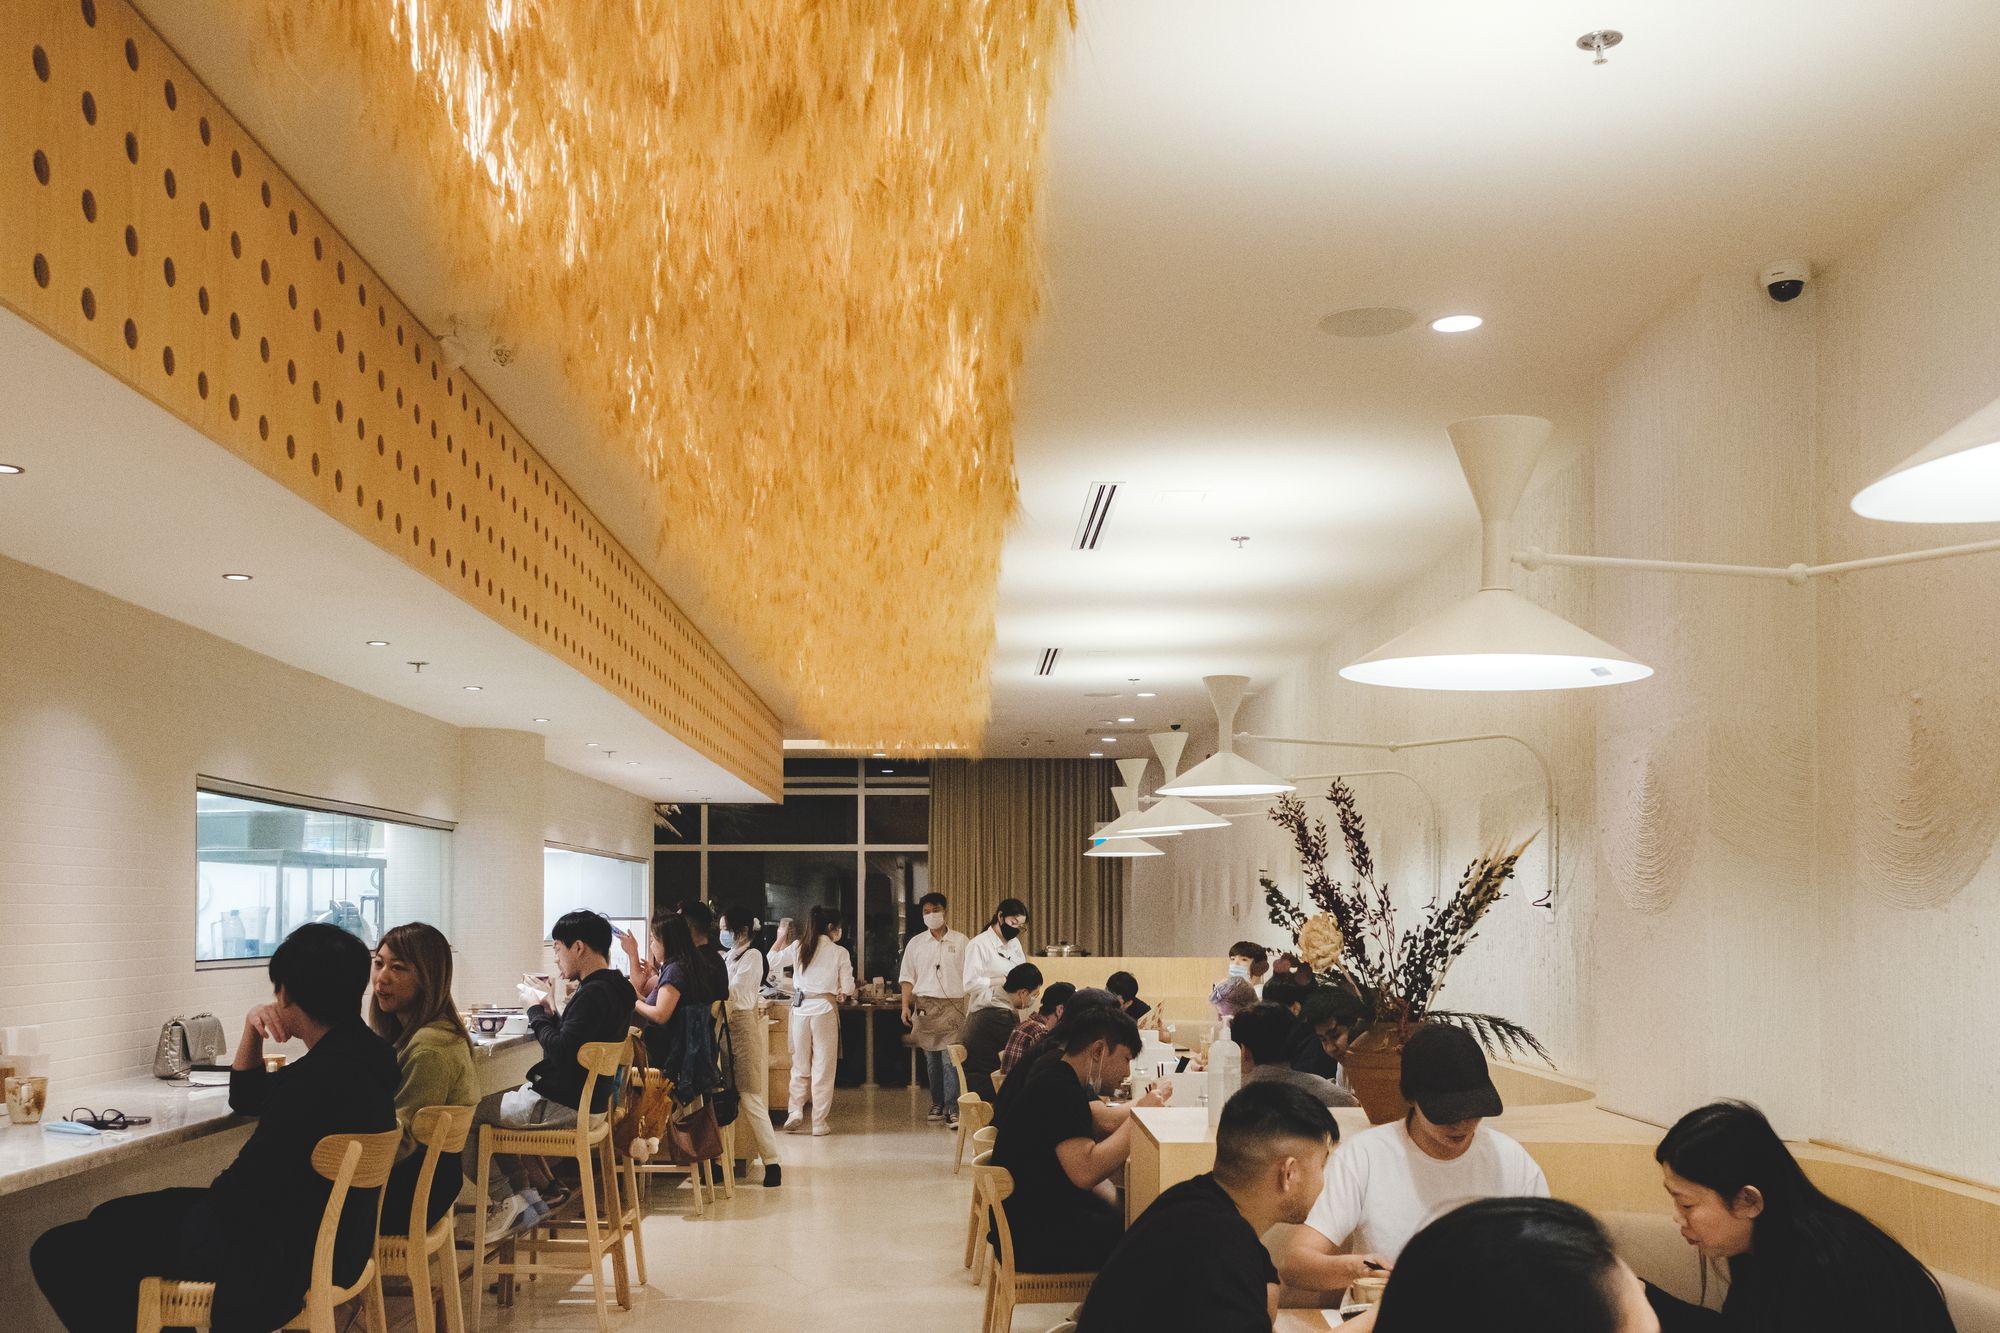 Inside Tendon Kohaku